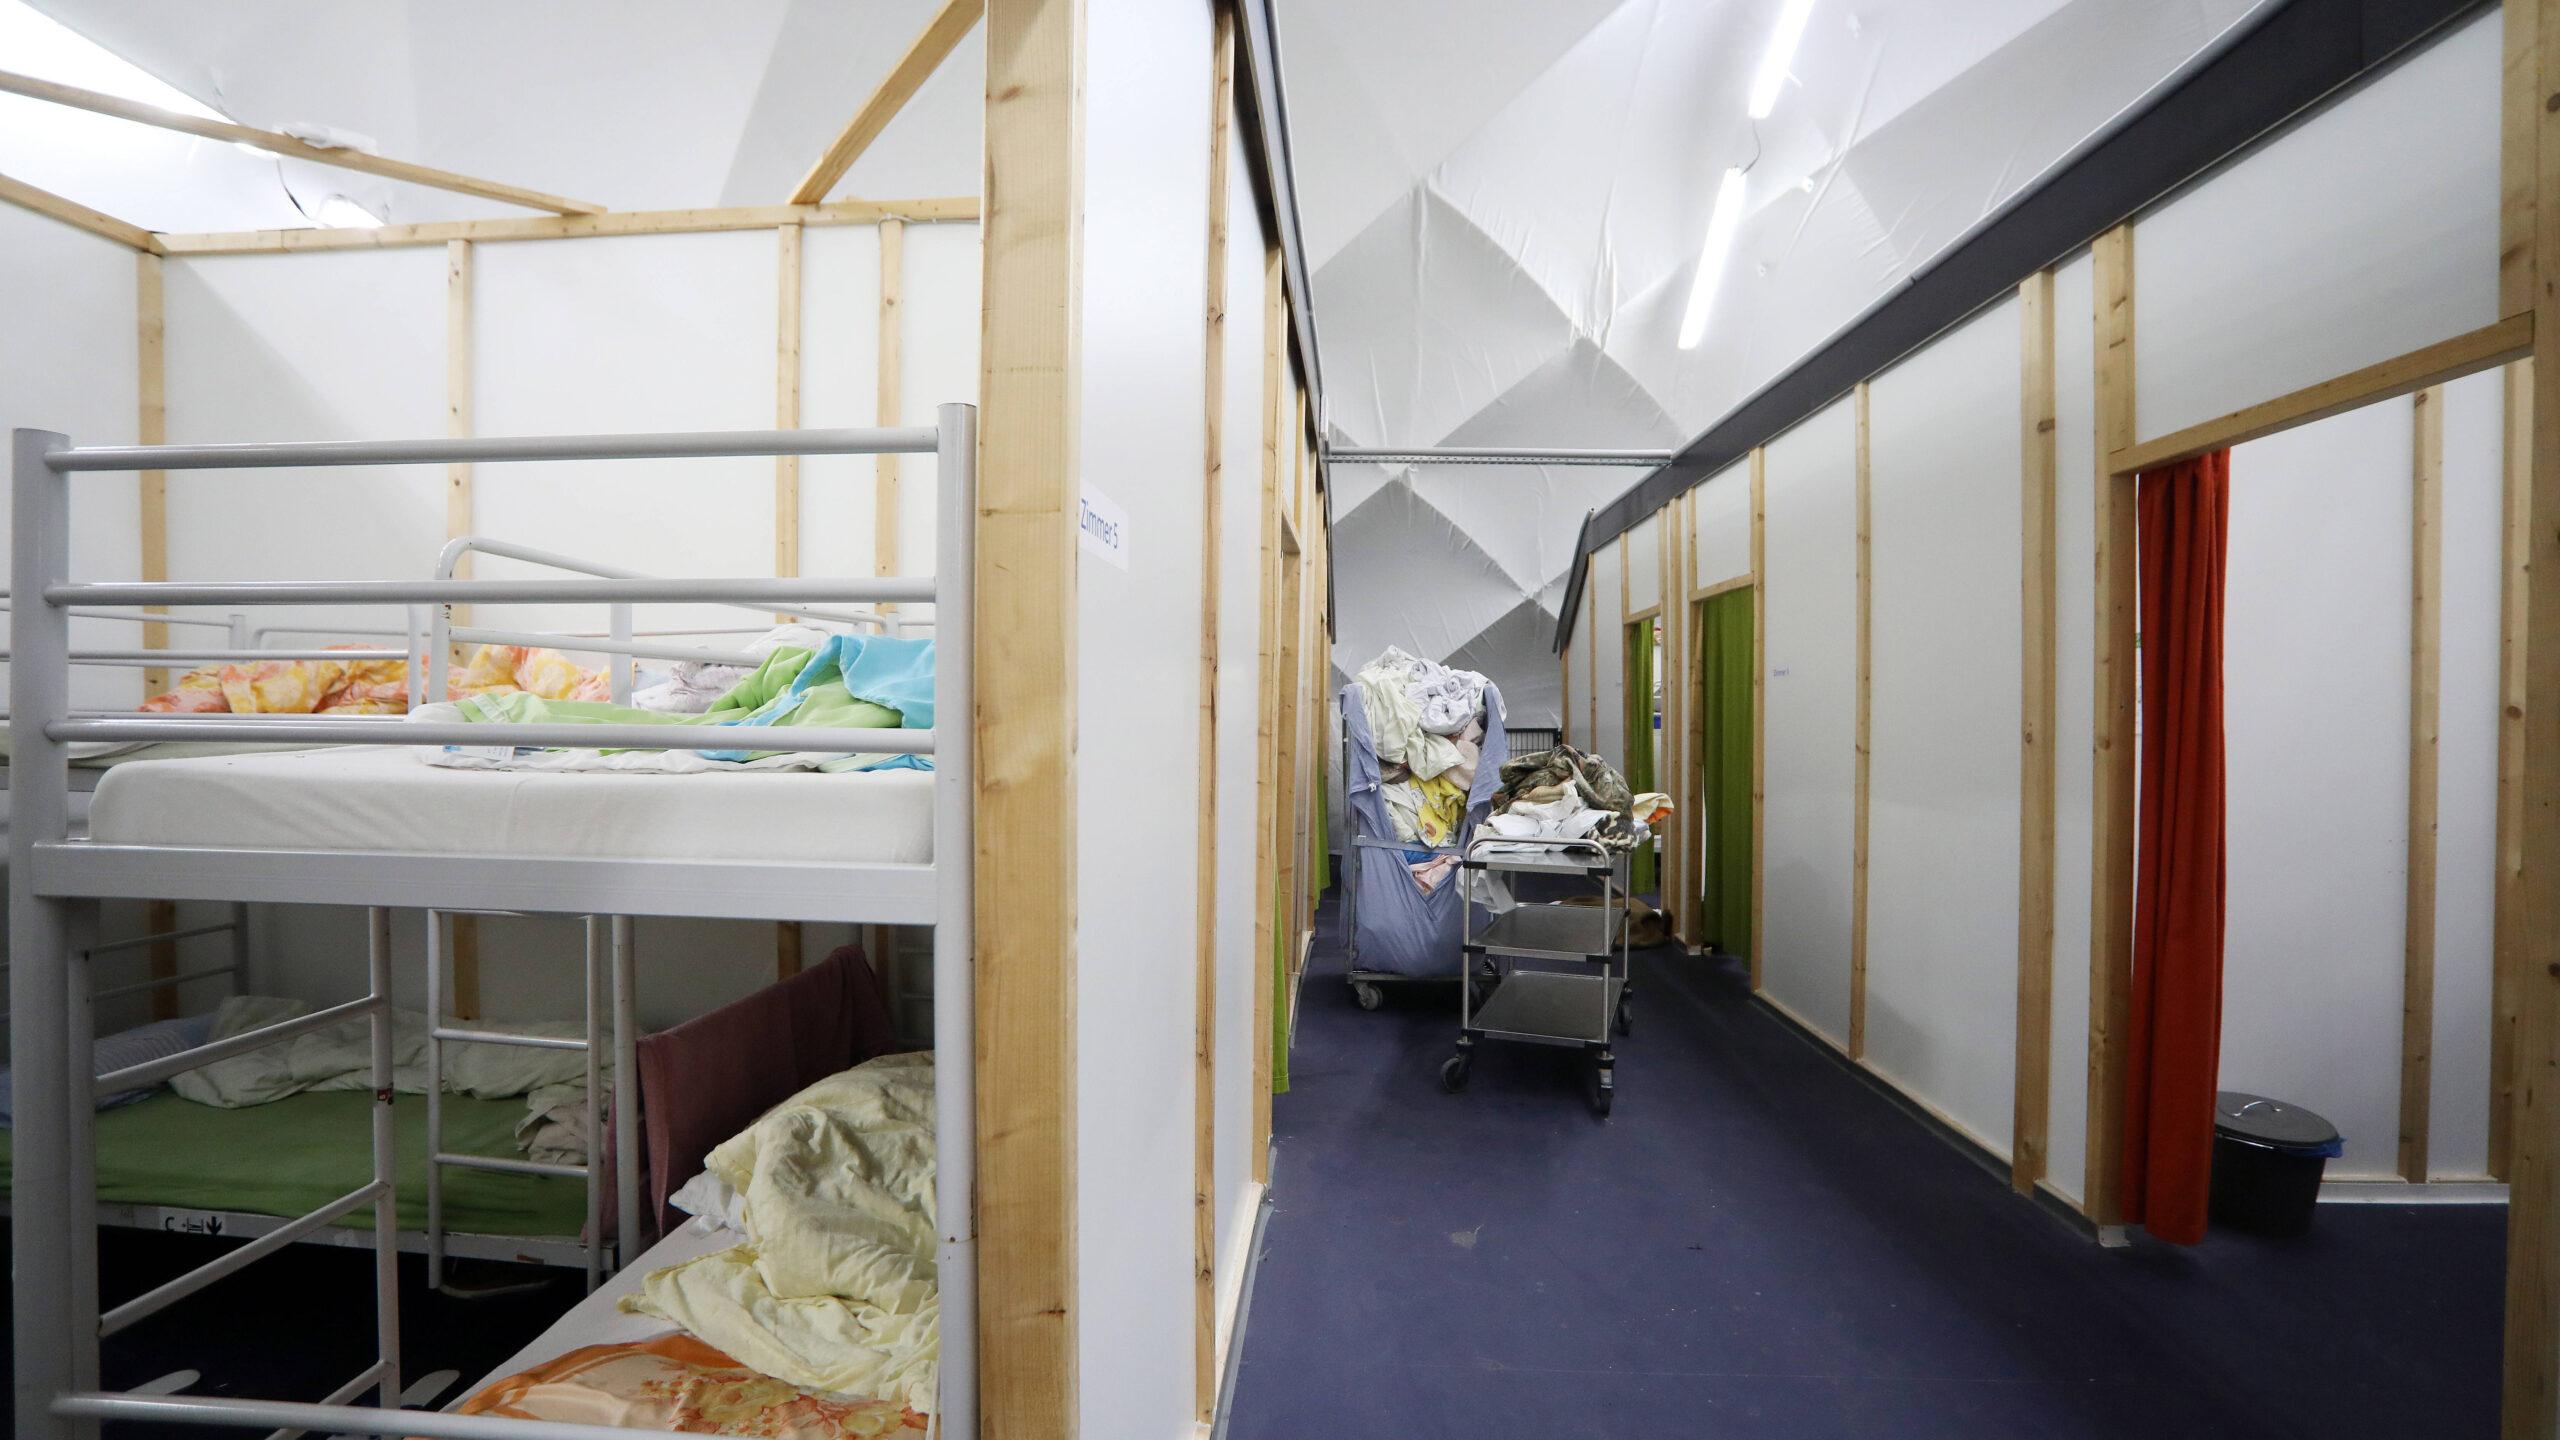 Friedrichshain-Kreuzberg: Corona-Ausbruch in Notunterkunft für Obdachlose